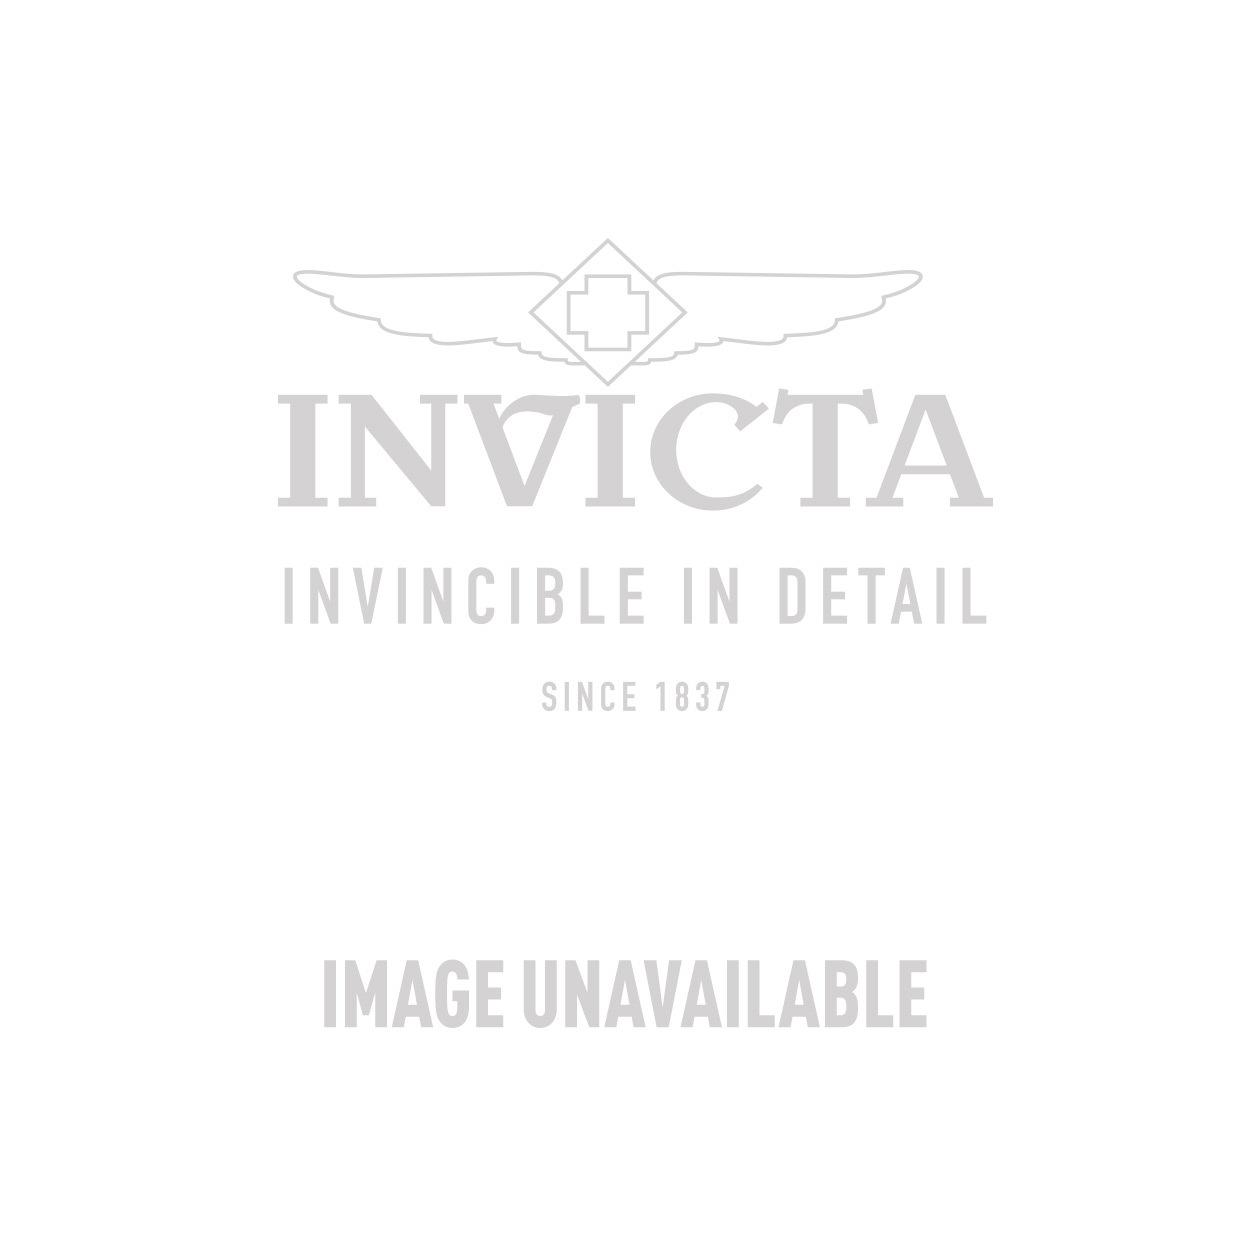 Invicta Model 25119